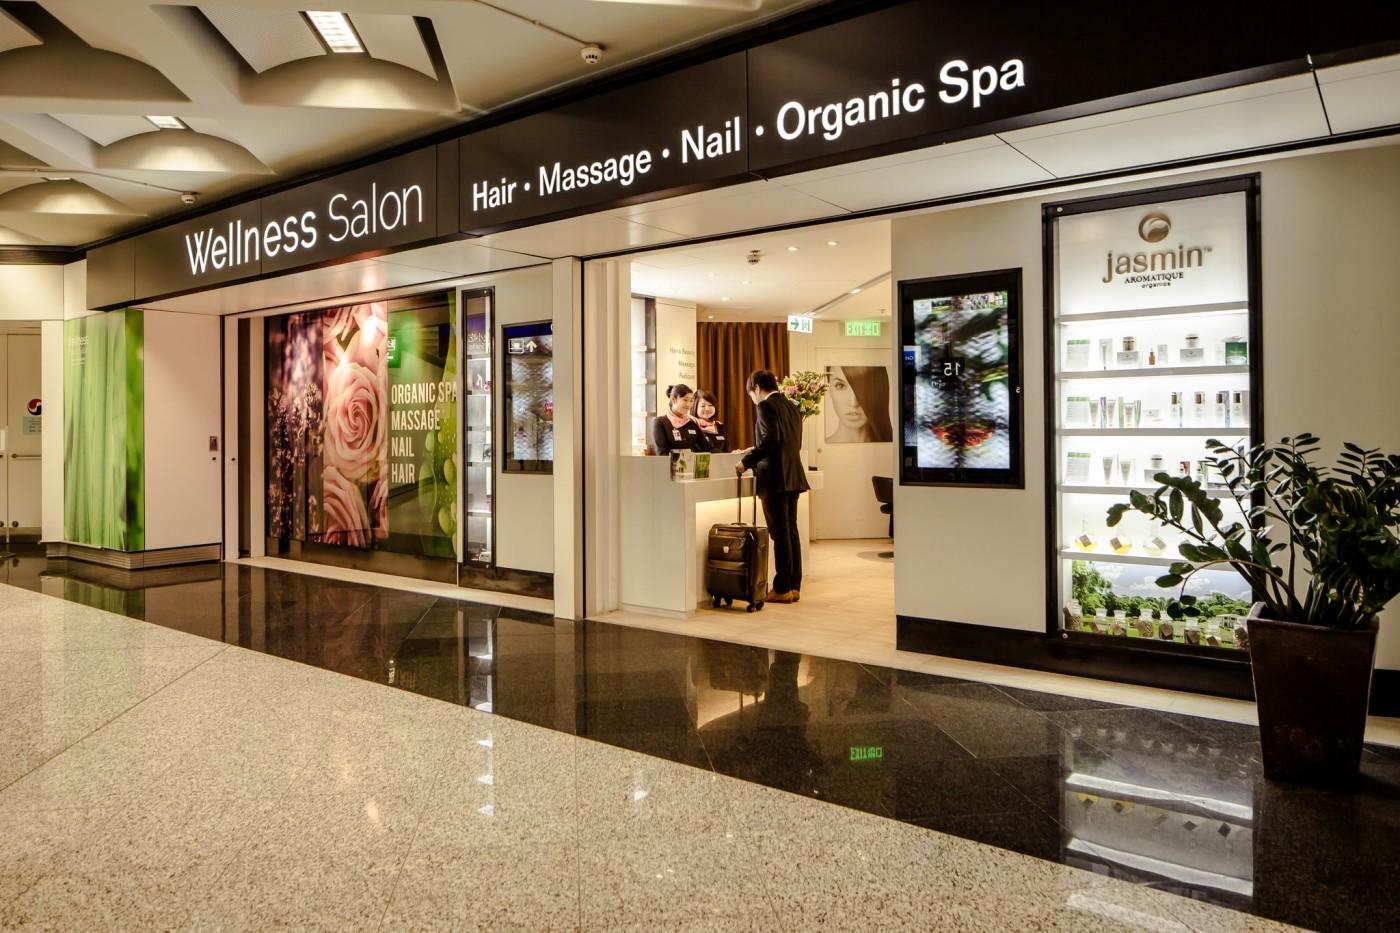 Wellness Salon Hong Kong